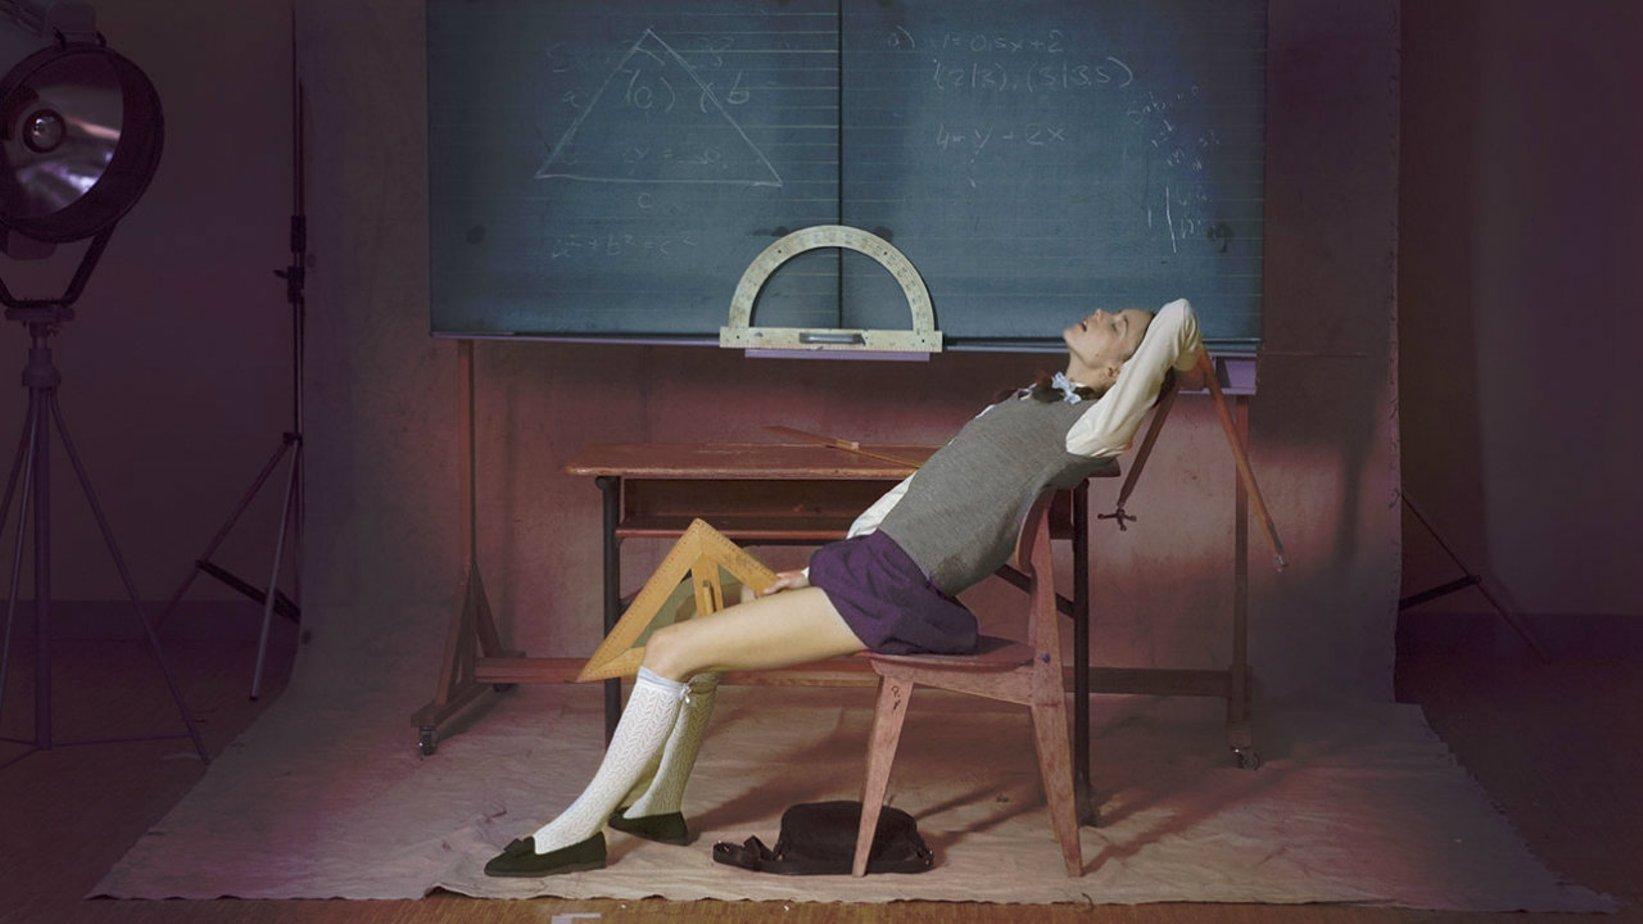 Причины нимфомании у девушек и женщин: что это такое, признаки расстройства, тесты